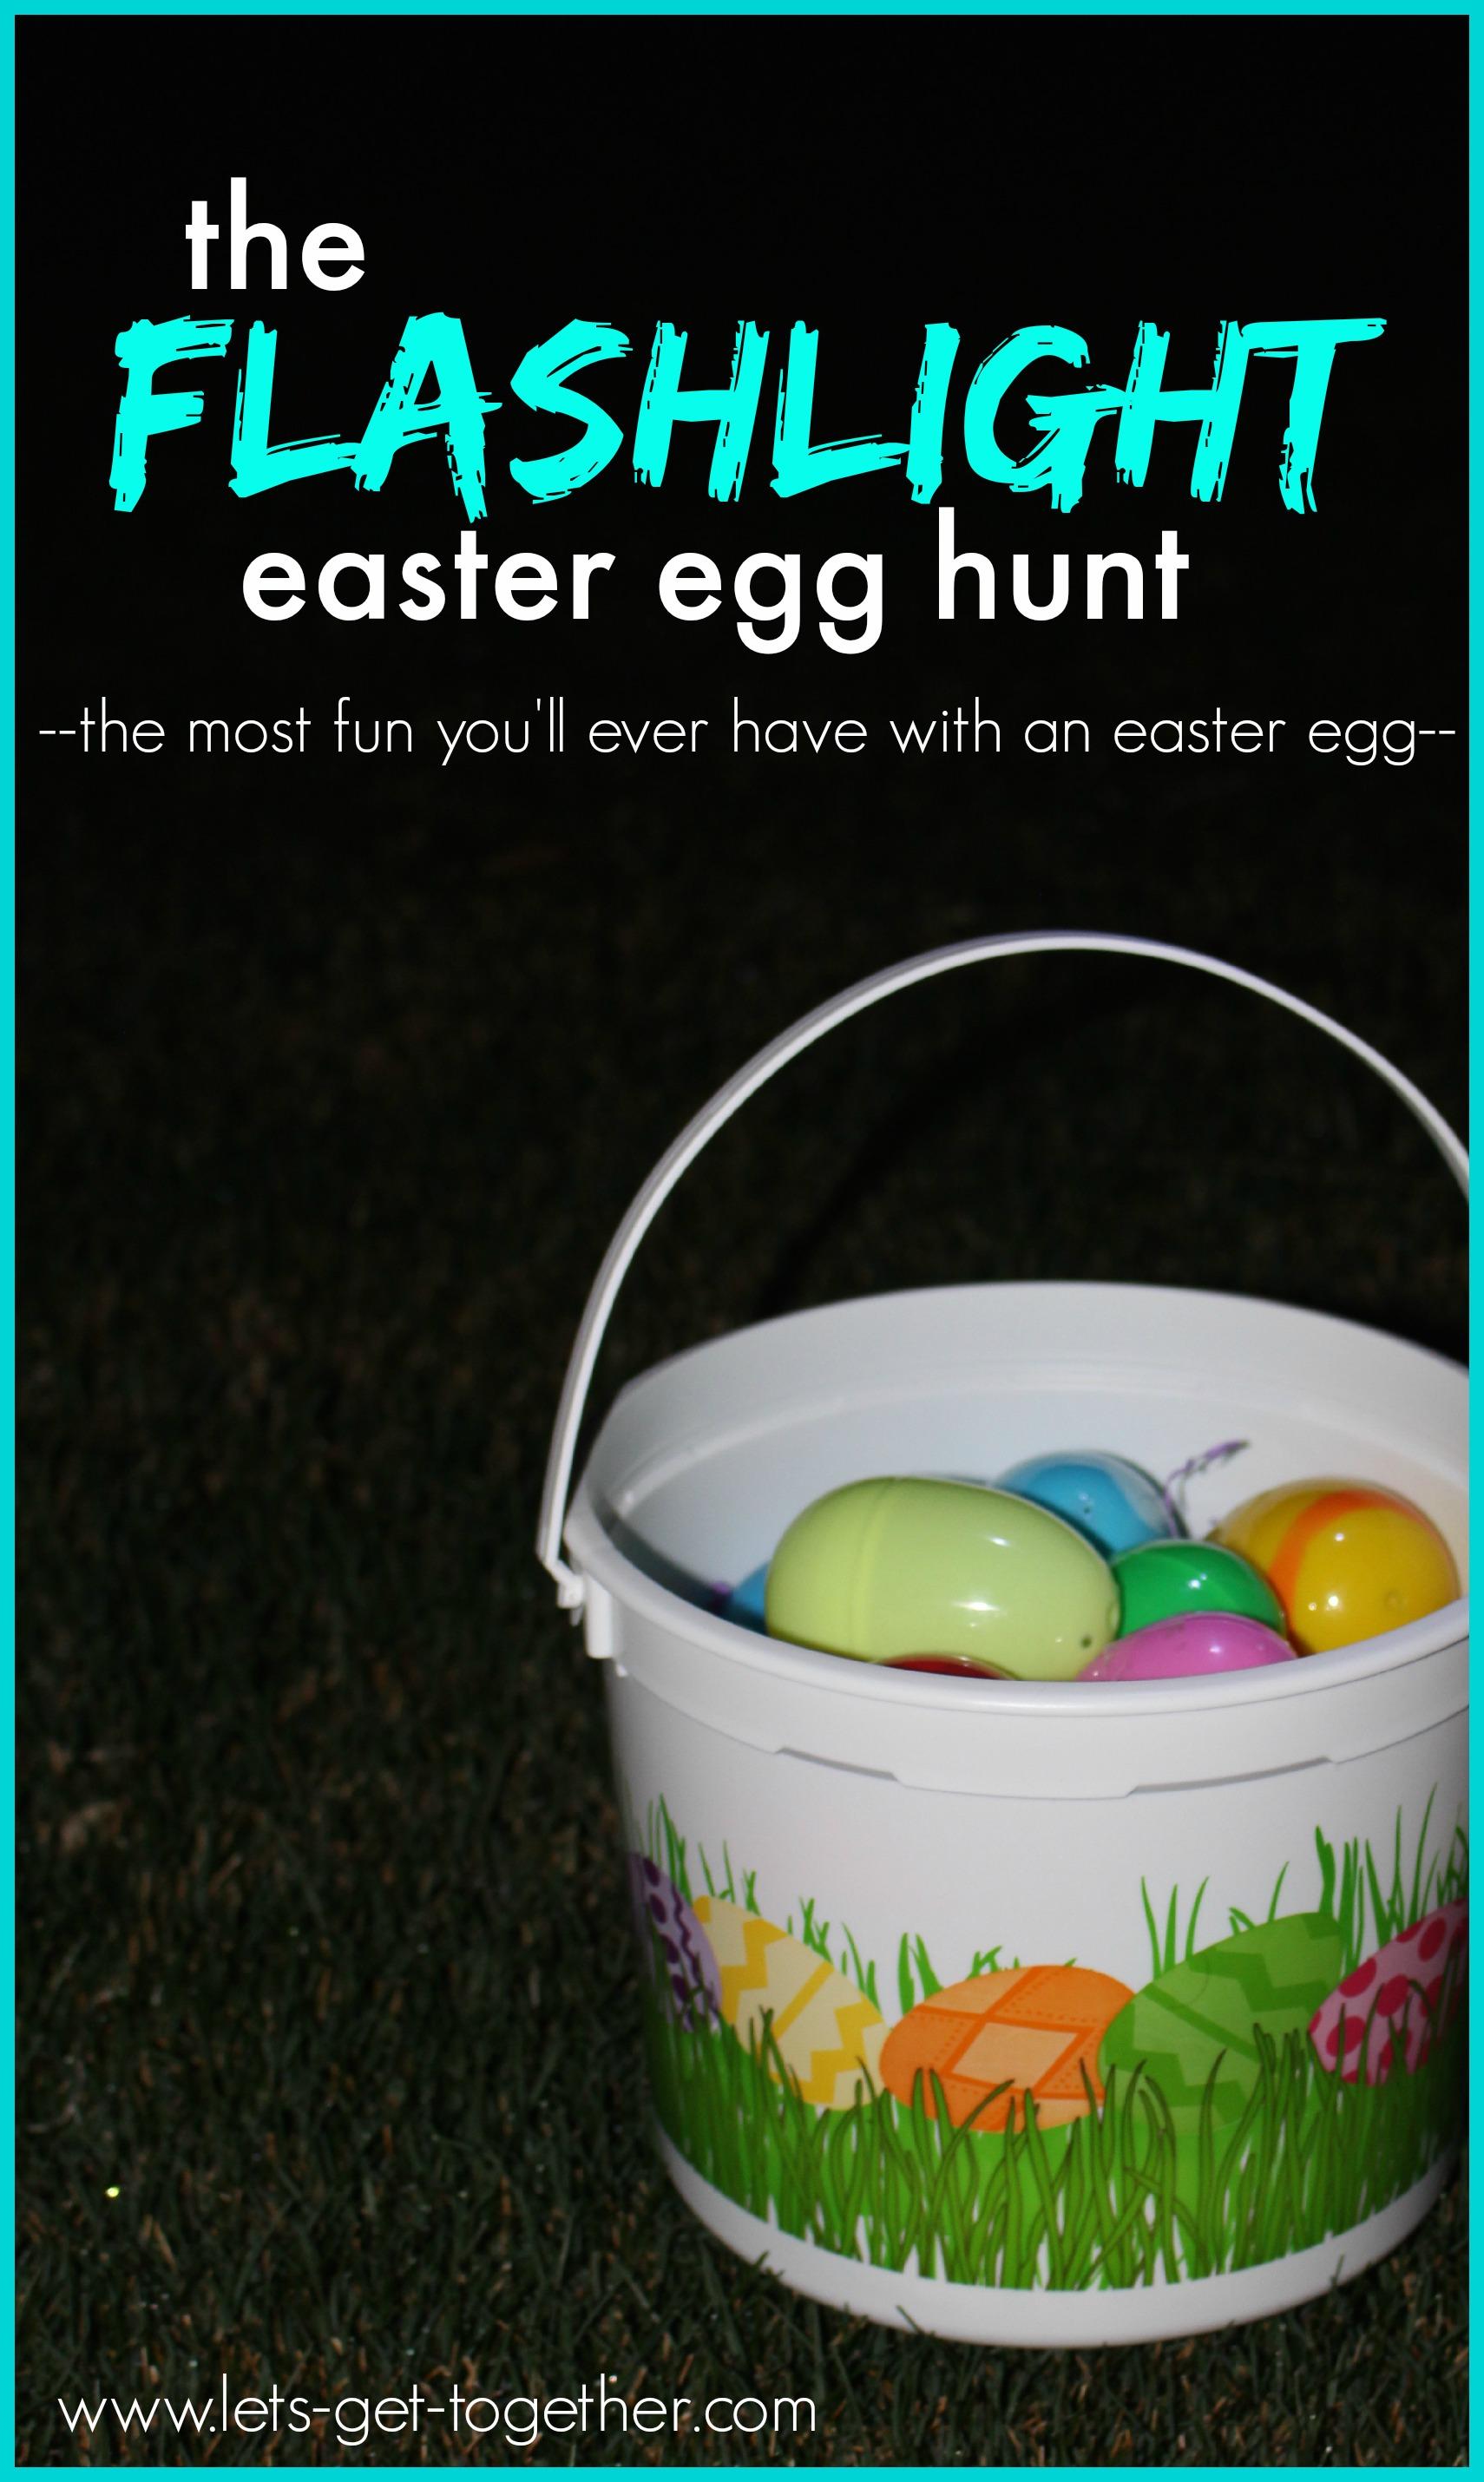 The Flashlight Easter Egg Hunt